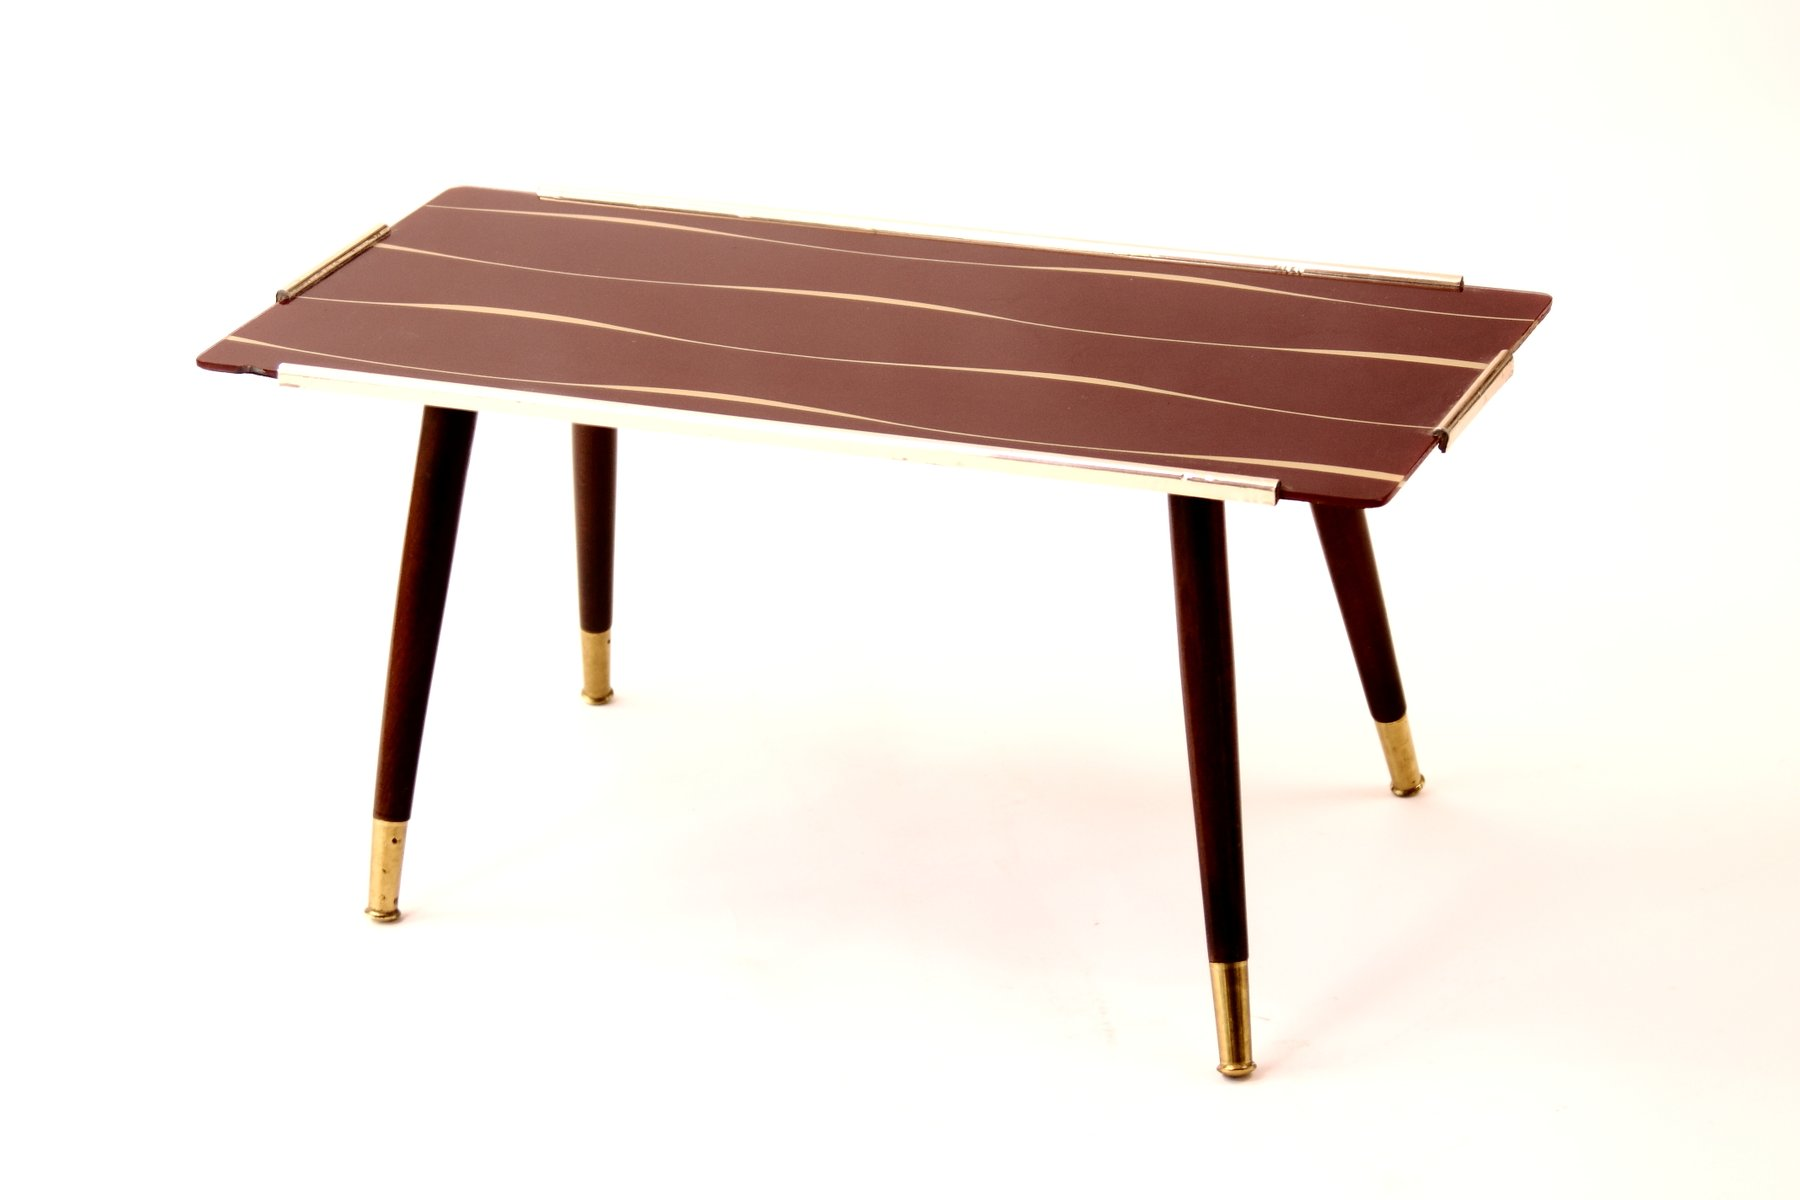 beistelltisch mit bedruckter glasplatte 1950er bei pamono. Black Bedroom Furniture Sets. Home Design Ideas